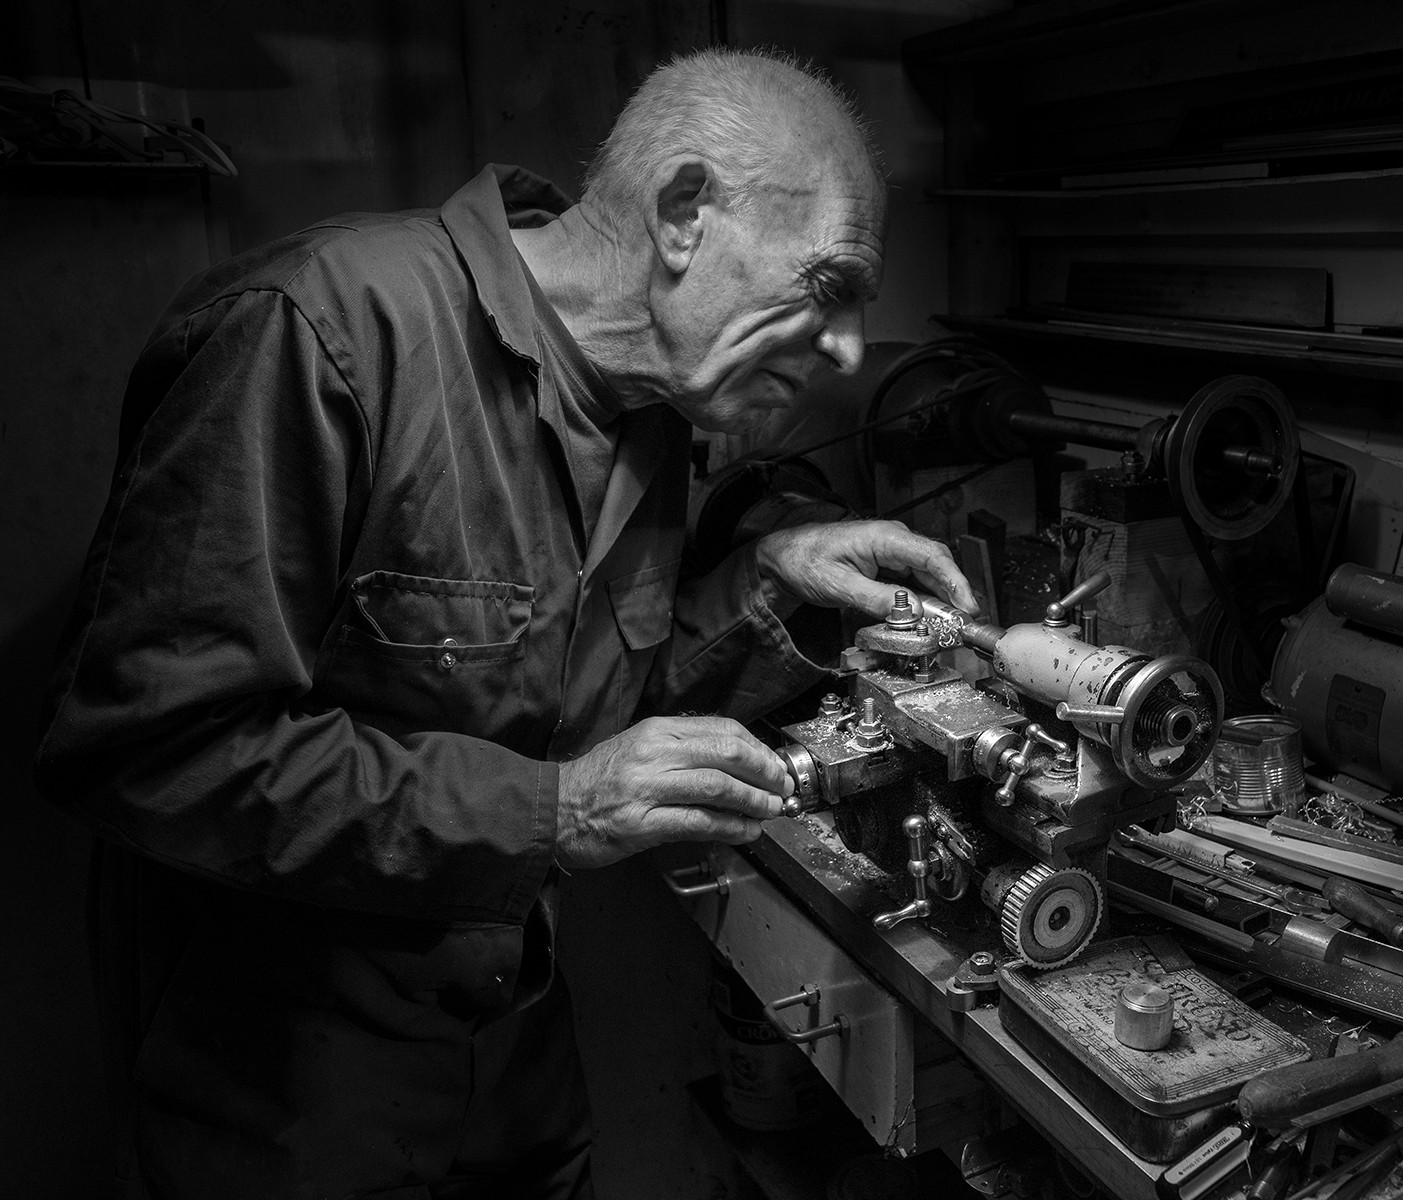 Howard in his workshop